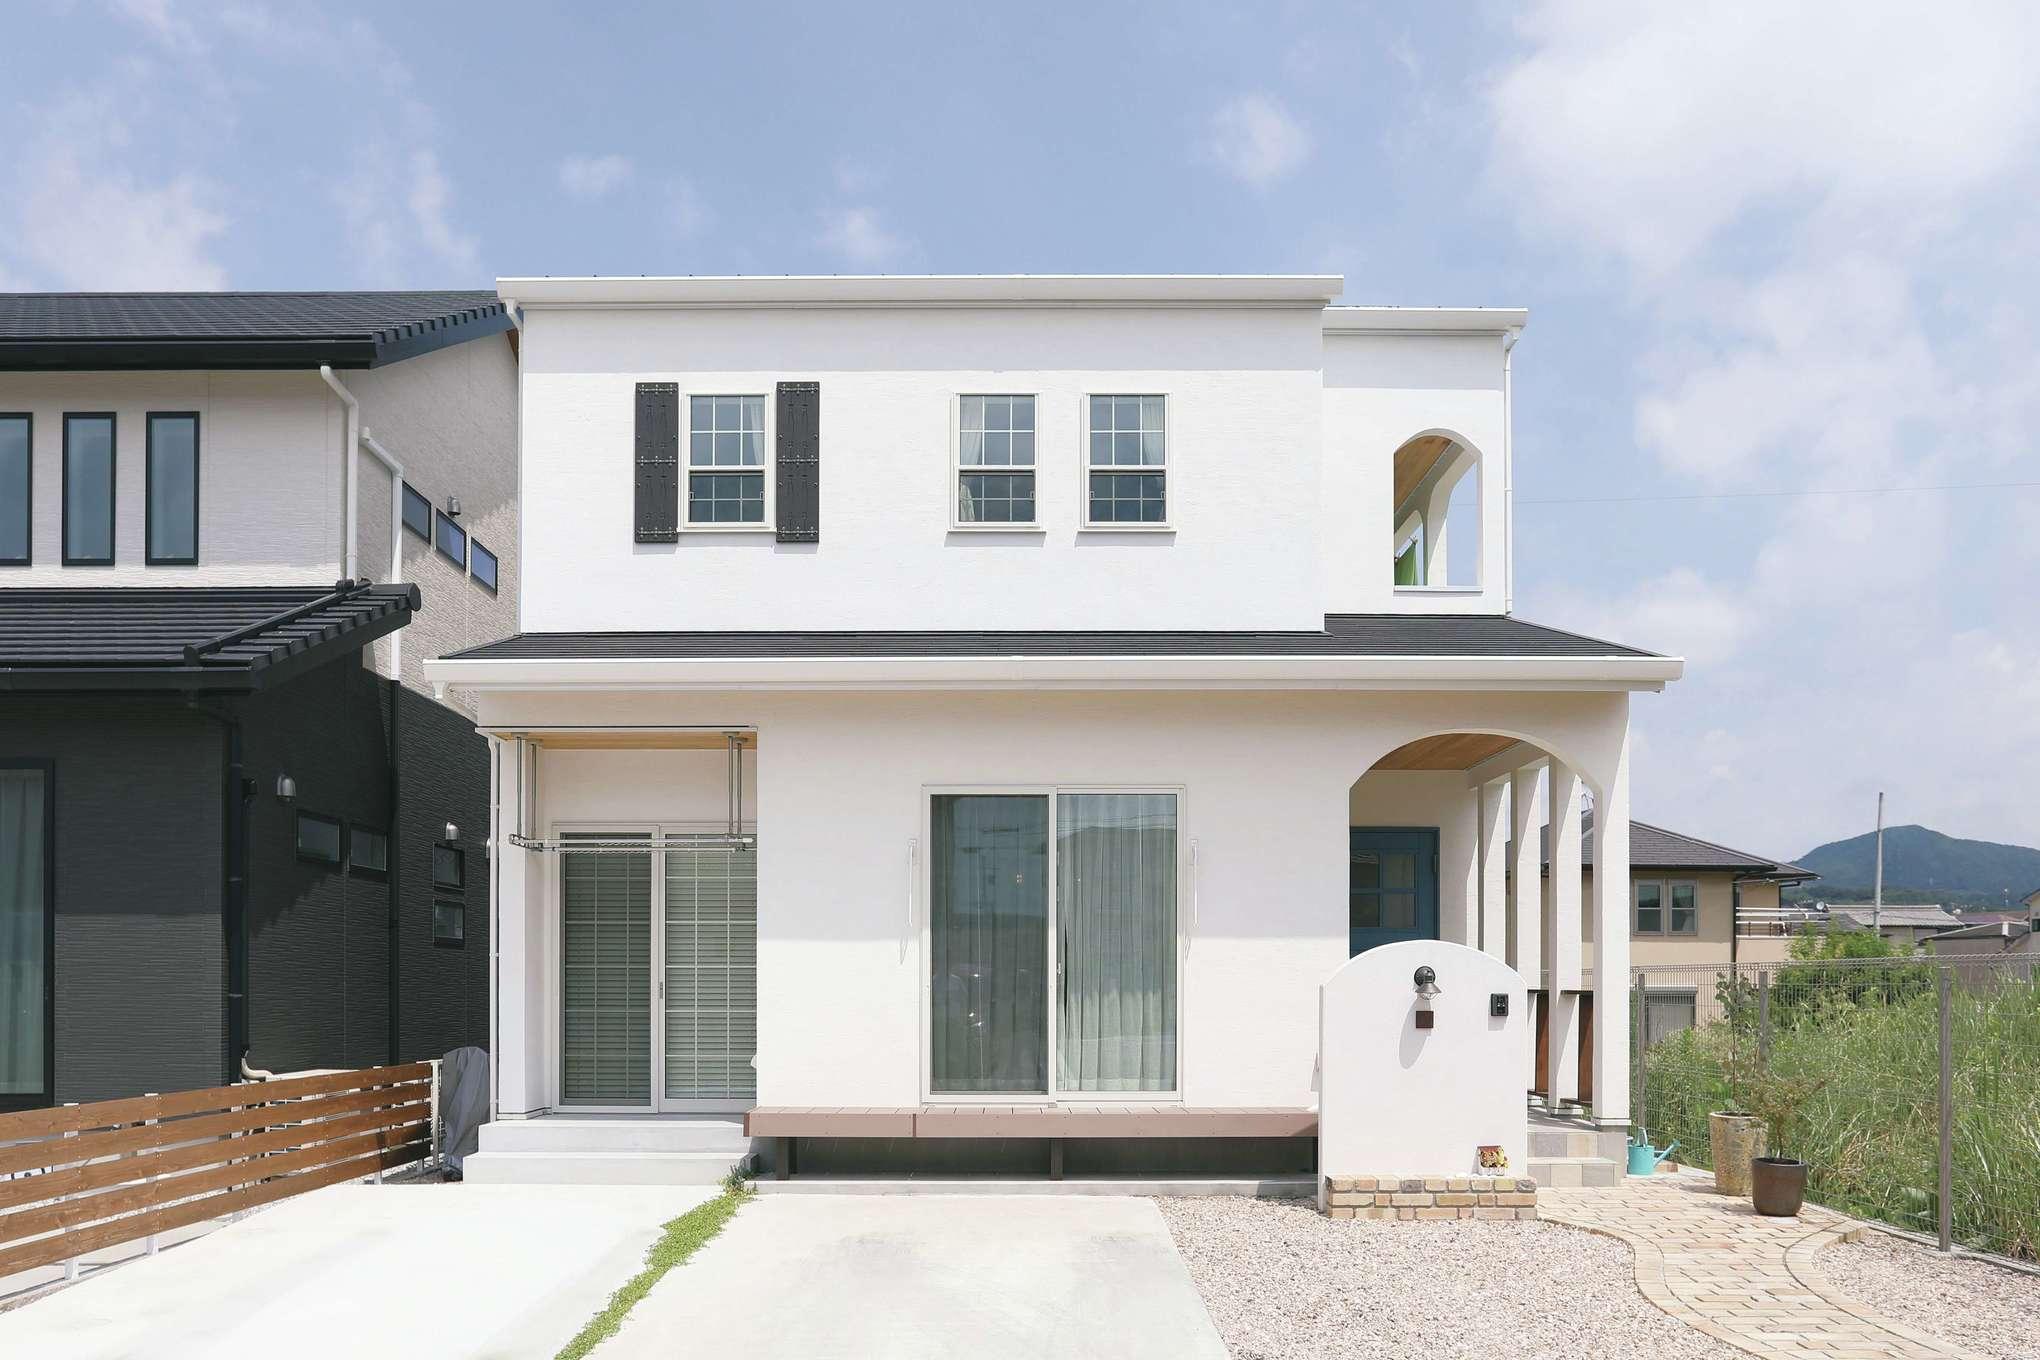 誠一建設 【デザイン住宅、自然素材、省エネ】アーチや鎧戸が似合うフレンチ風の外観。スペイン漆喰はメンテナンスフリーで白さが続く。太陽光発電4kWを搭載し、ゼロエネルギー生活も実現